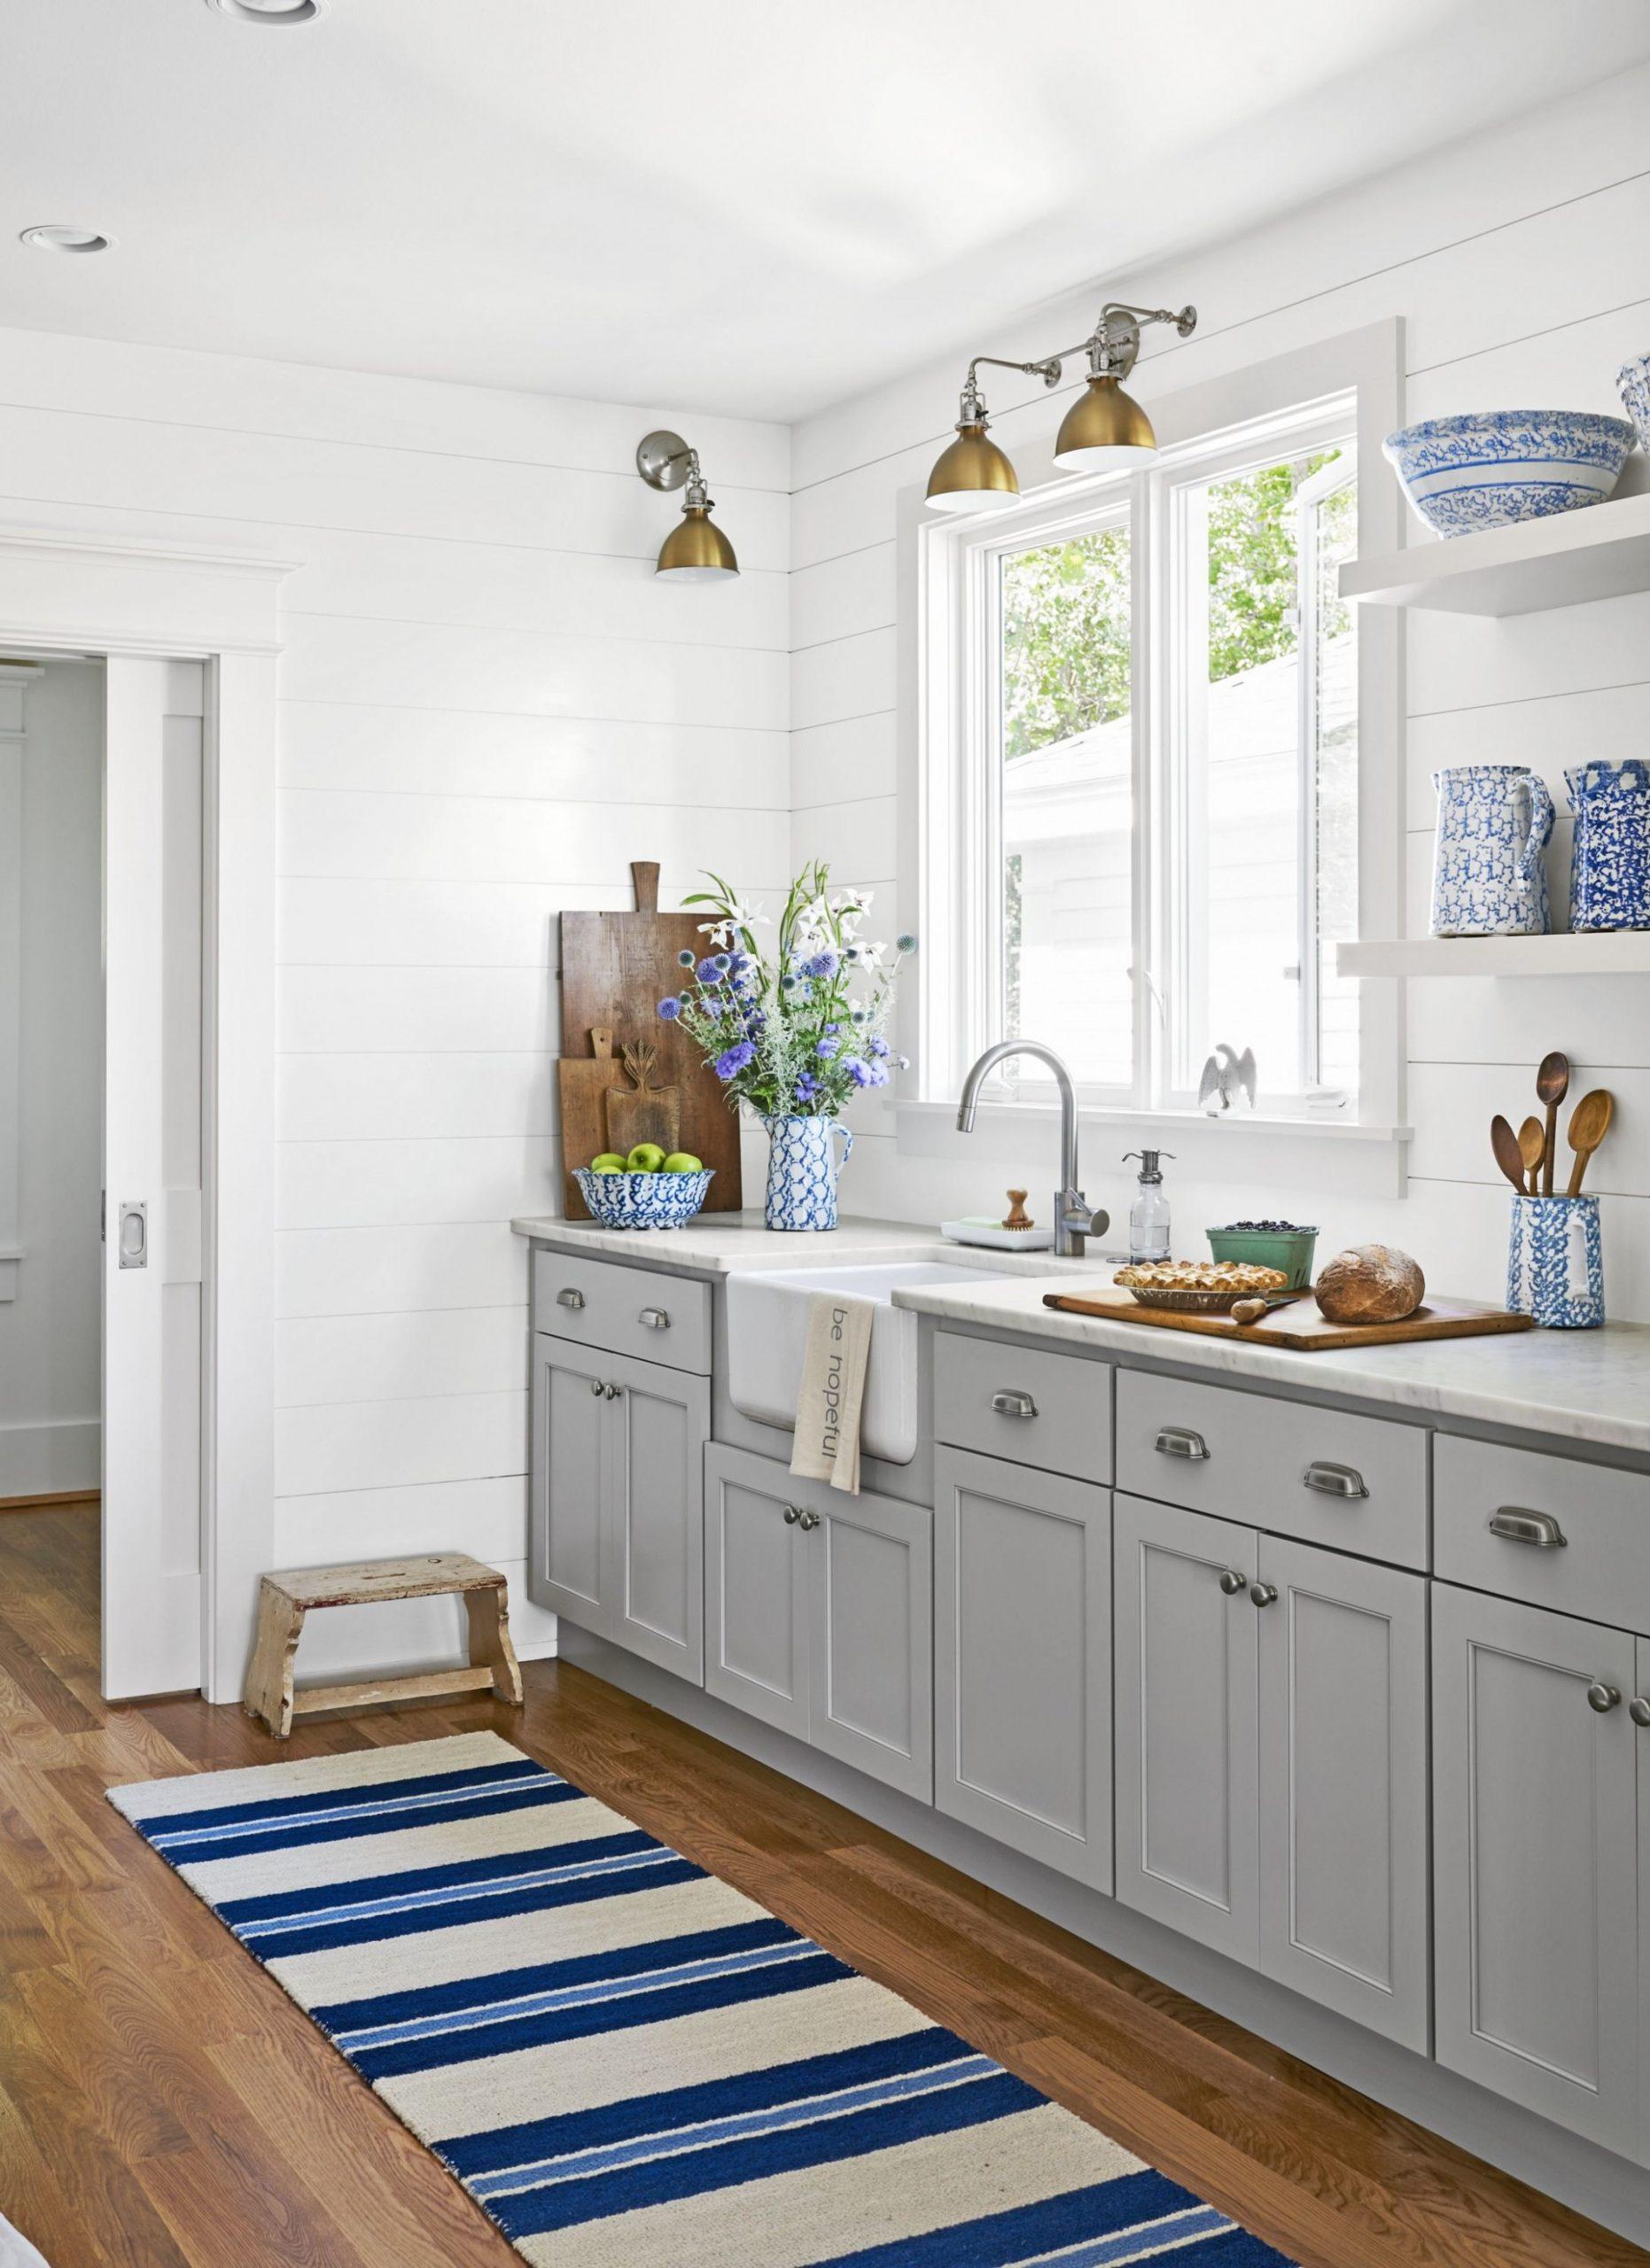 10 DIY Kitchen Cabinet Hardware Ideas — Best Kitchen Cabinet Hardware - Best Kitchen Cabinet Handles